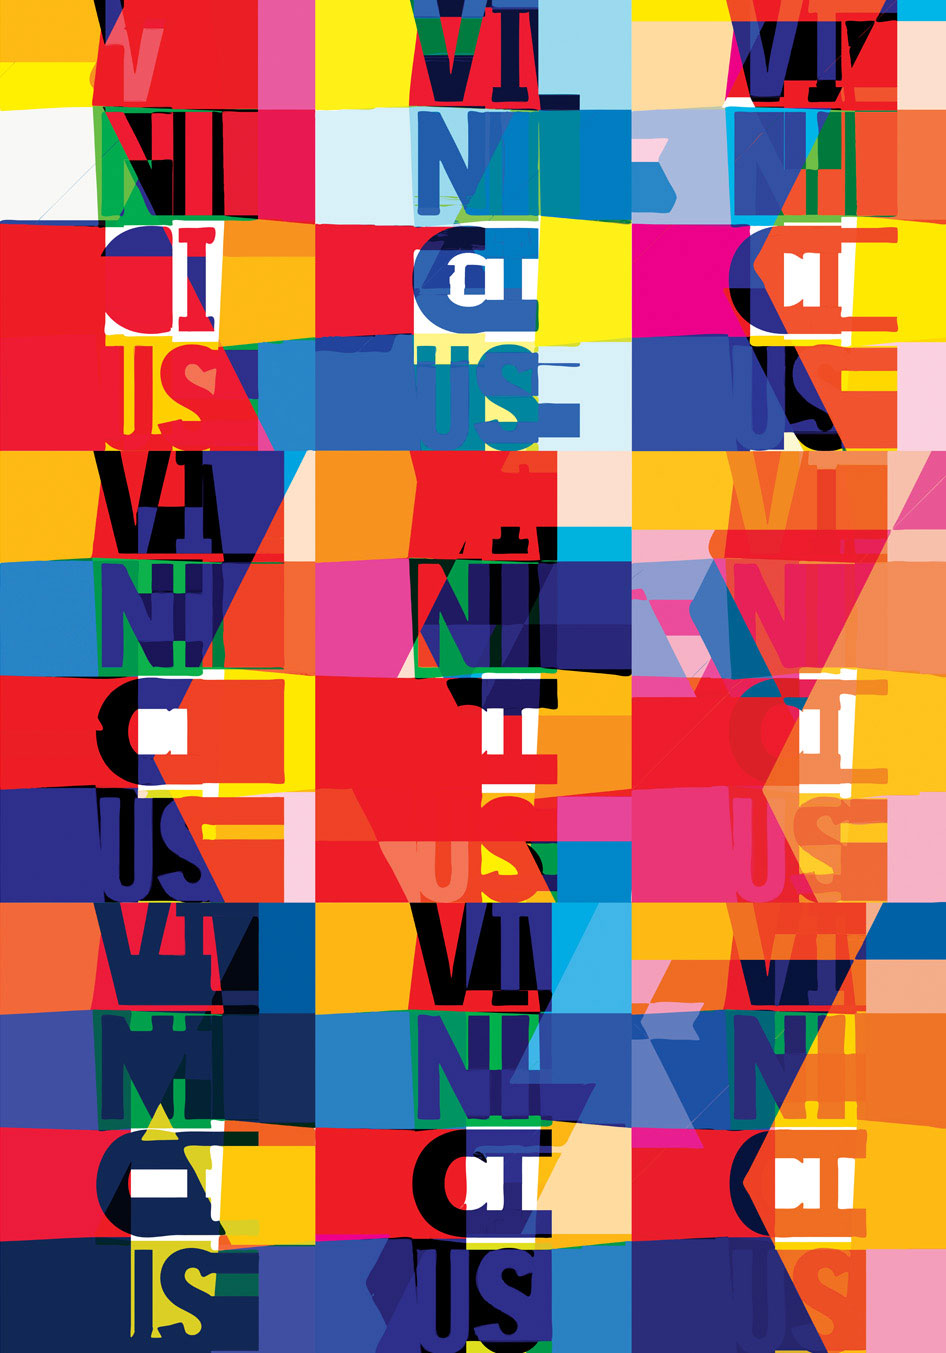 vinicius-poster